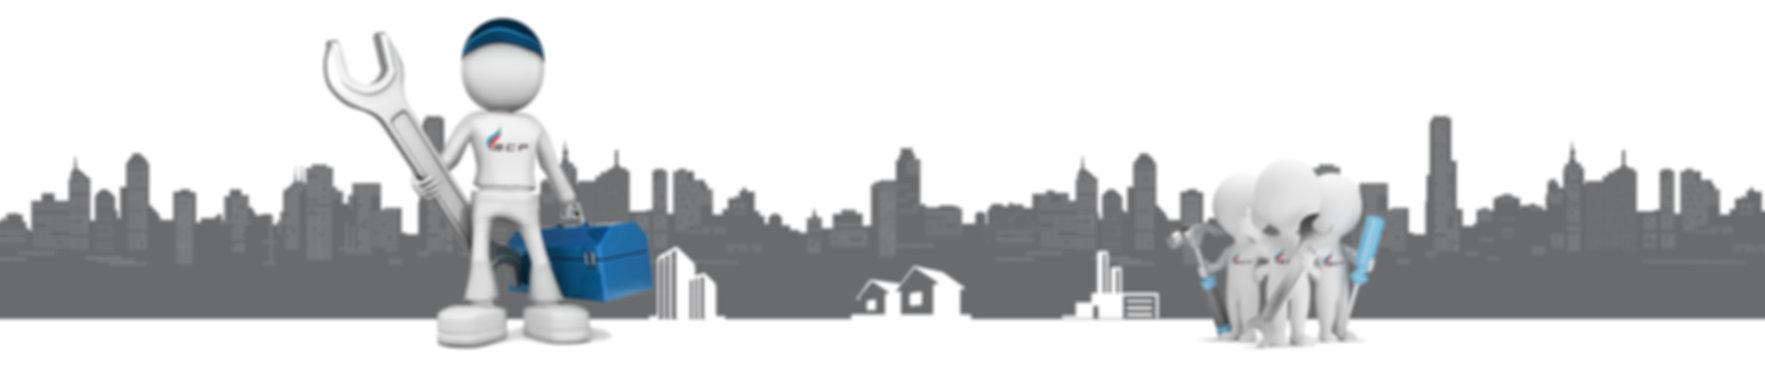 commercial plumbing, residential plumbing, industrial plumbing